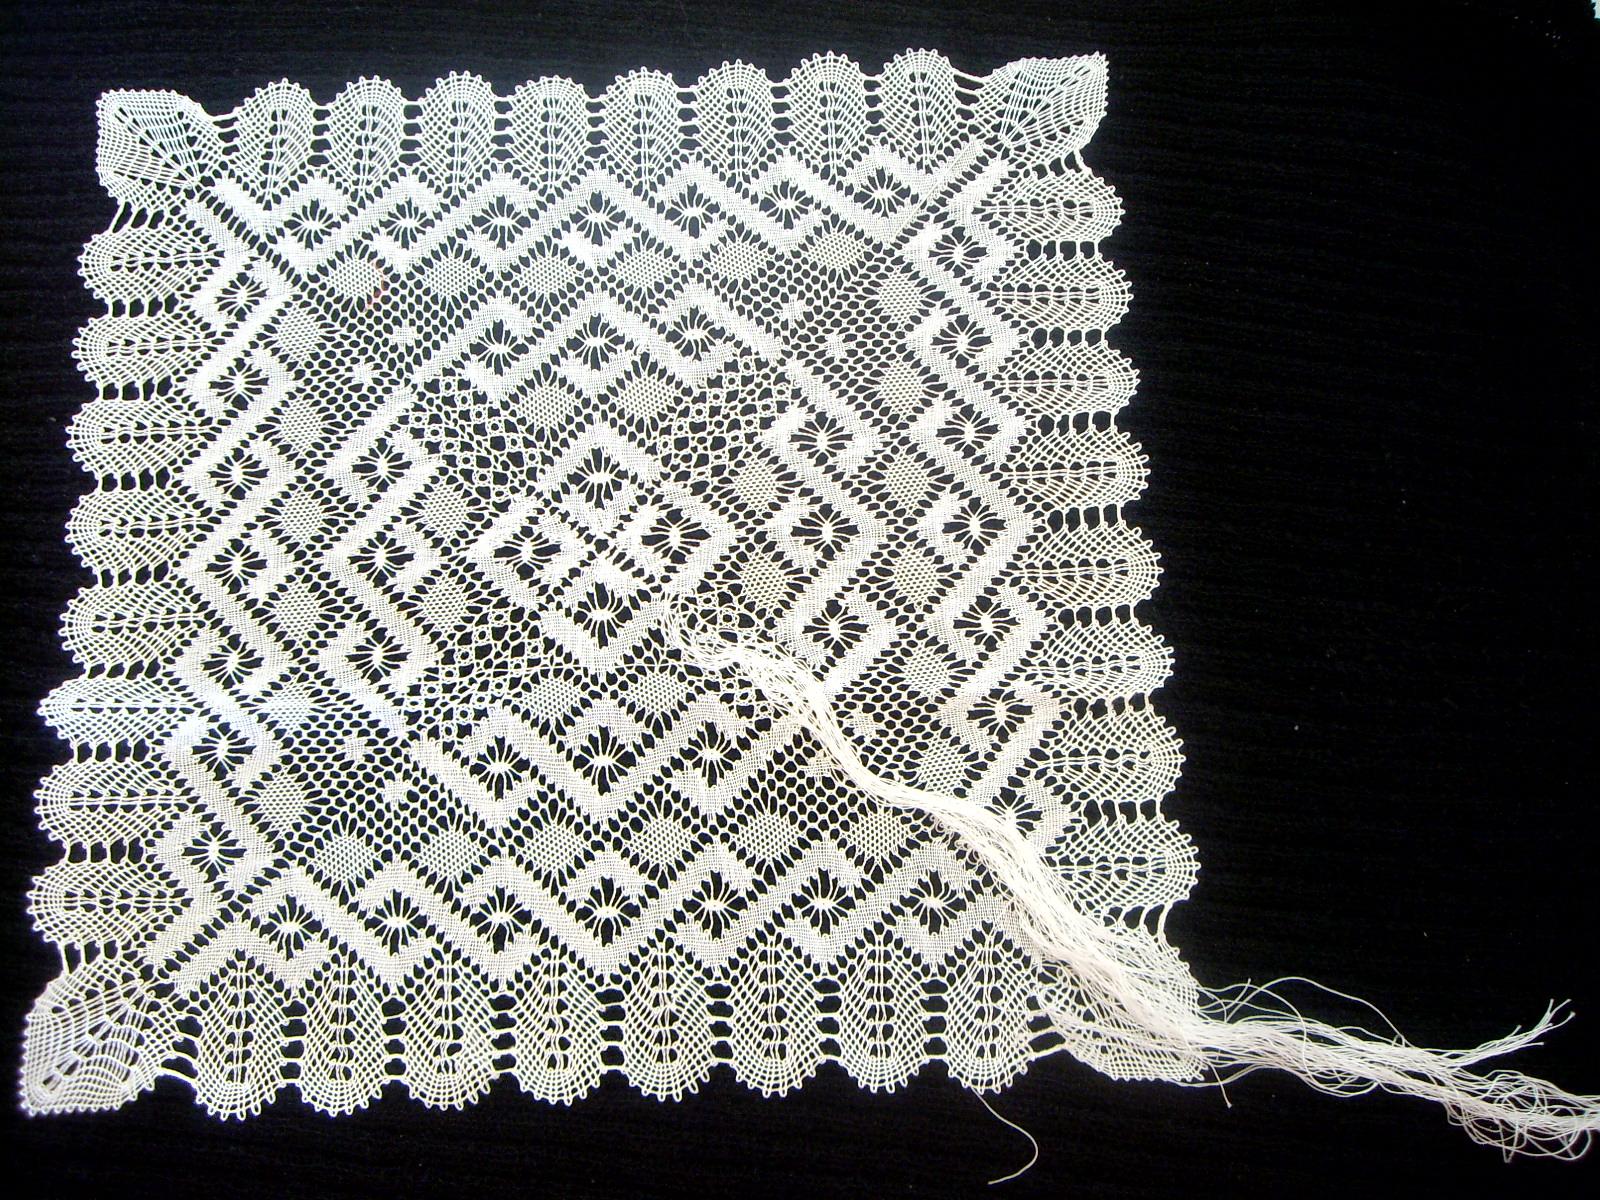 Pañuelo de onda de pluma de encaje de bolillos y su patrón